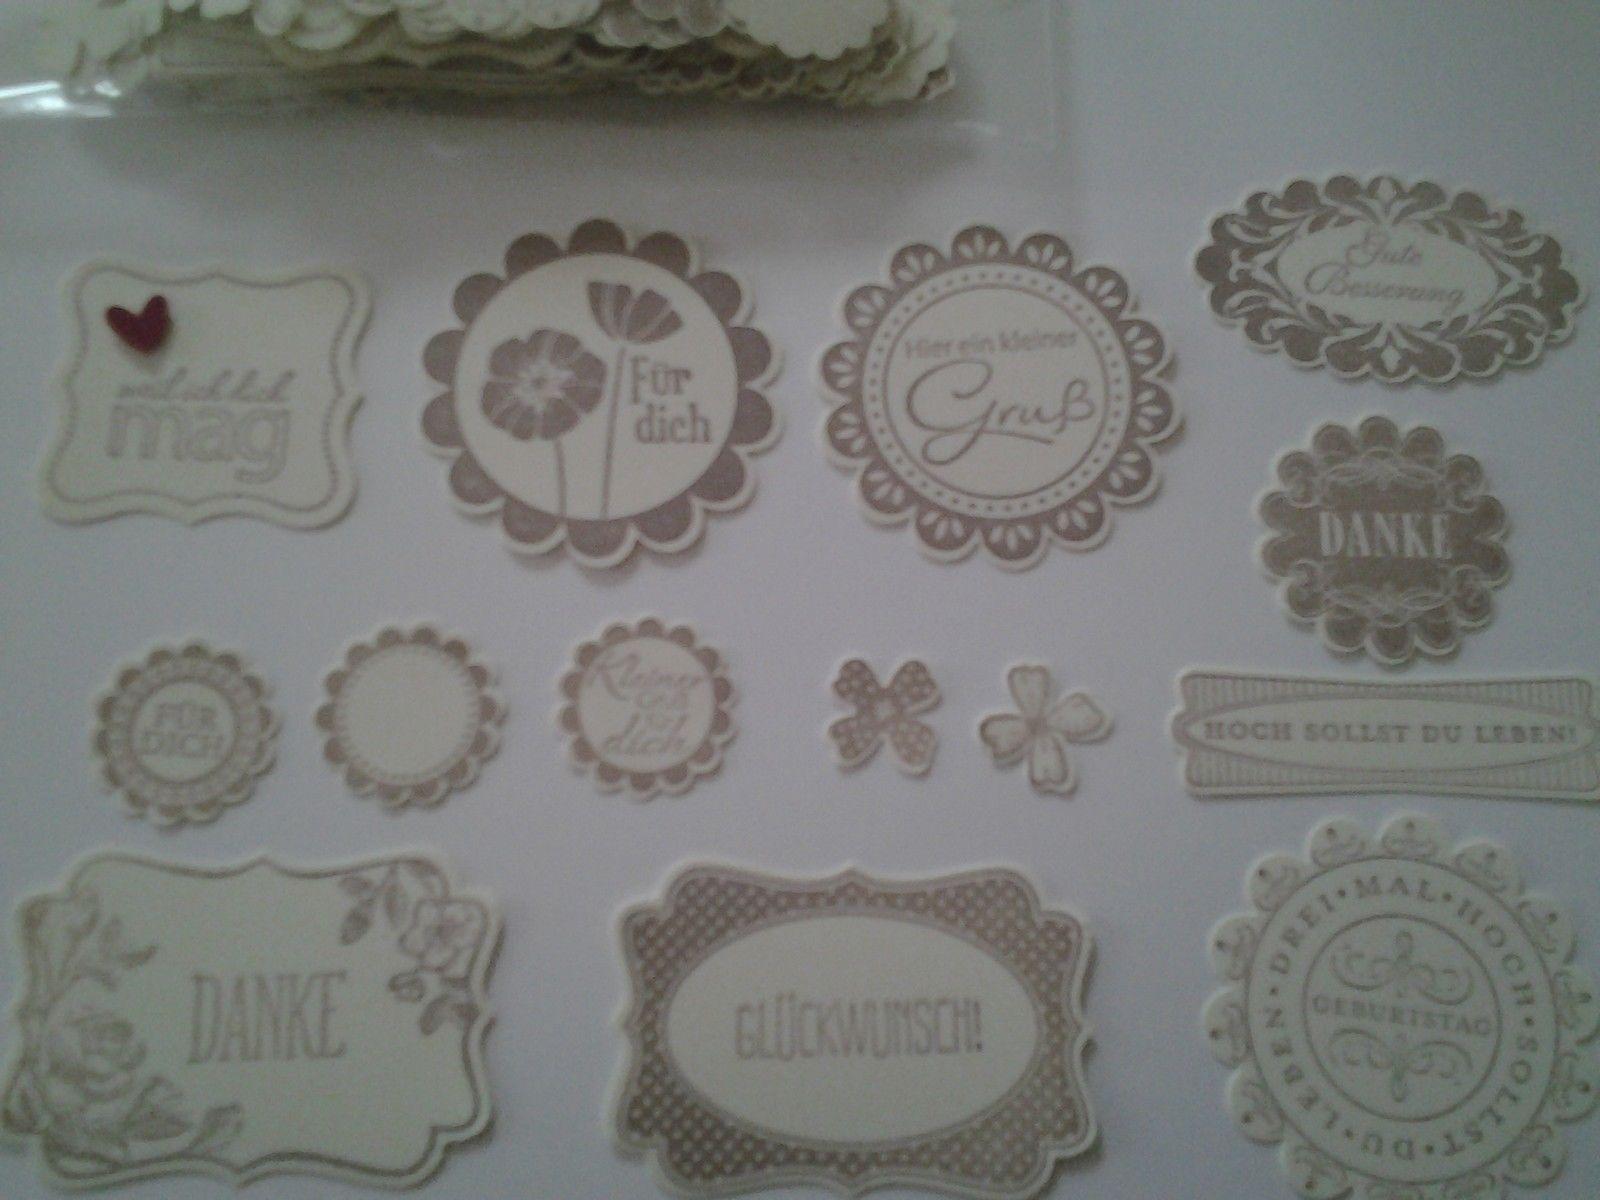 Stampin up Stanzteile - Etiketten | eBay